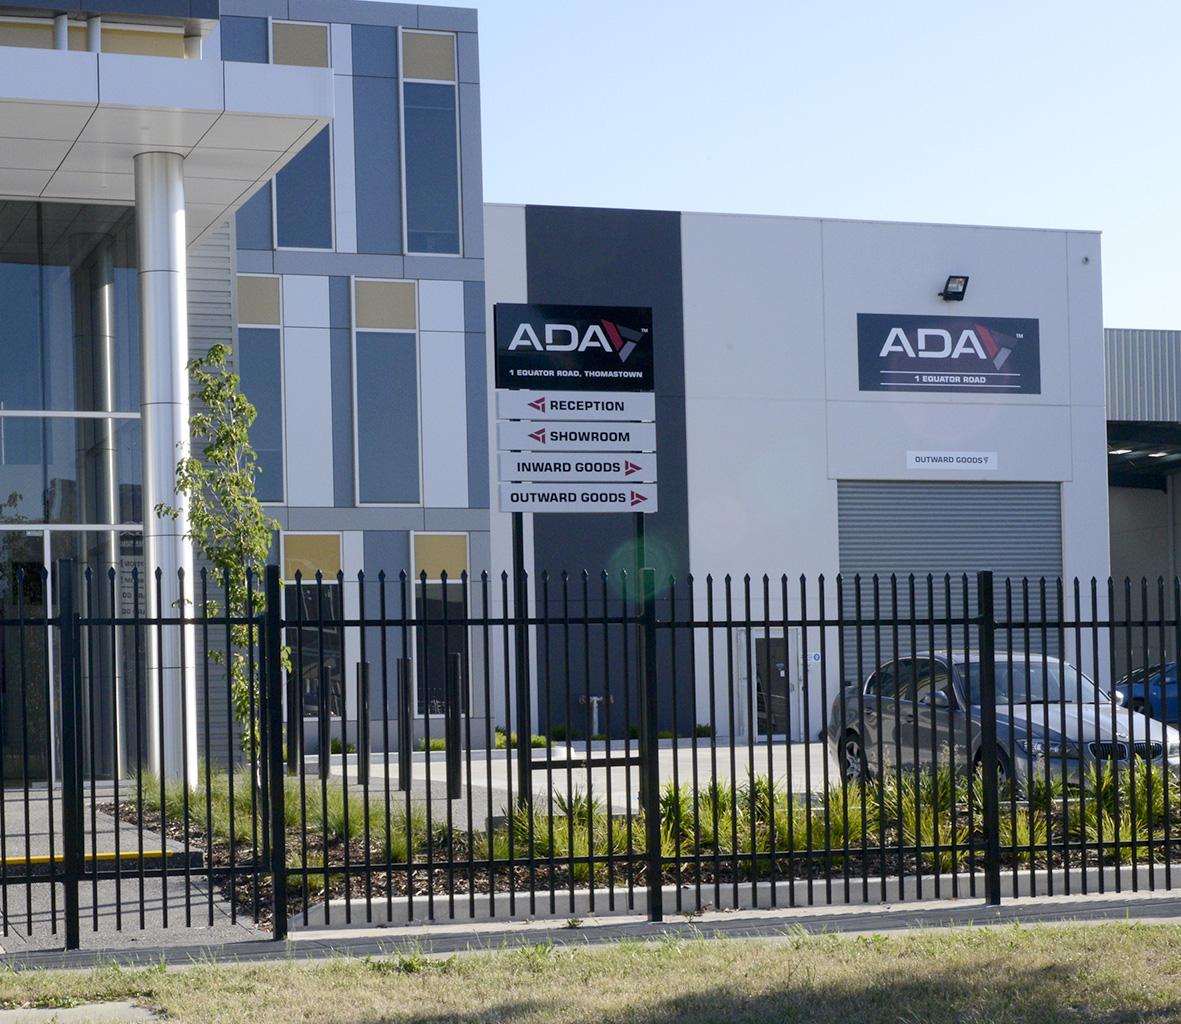 ADA_SIGNAGE_2